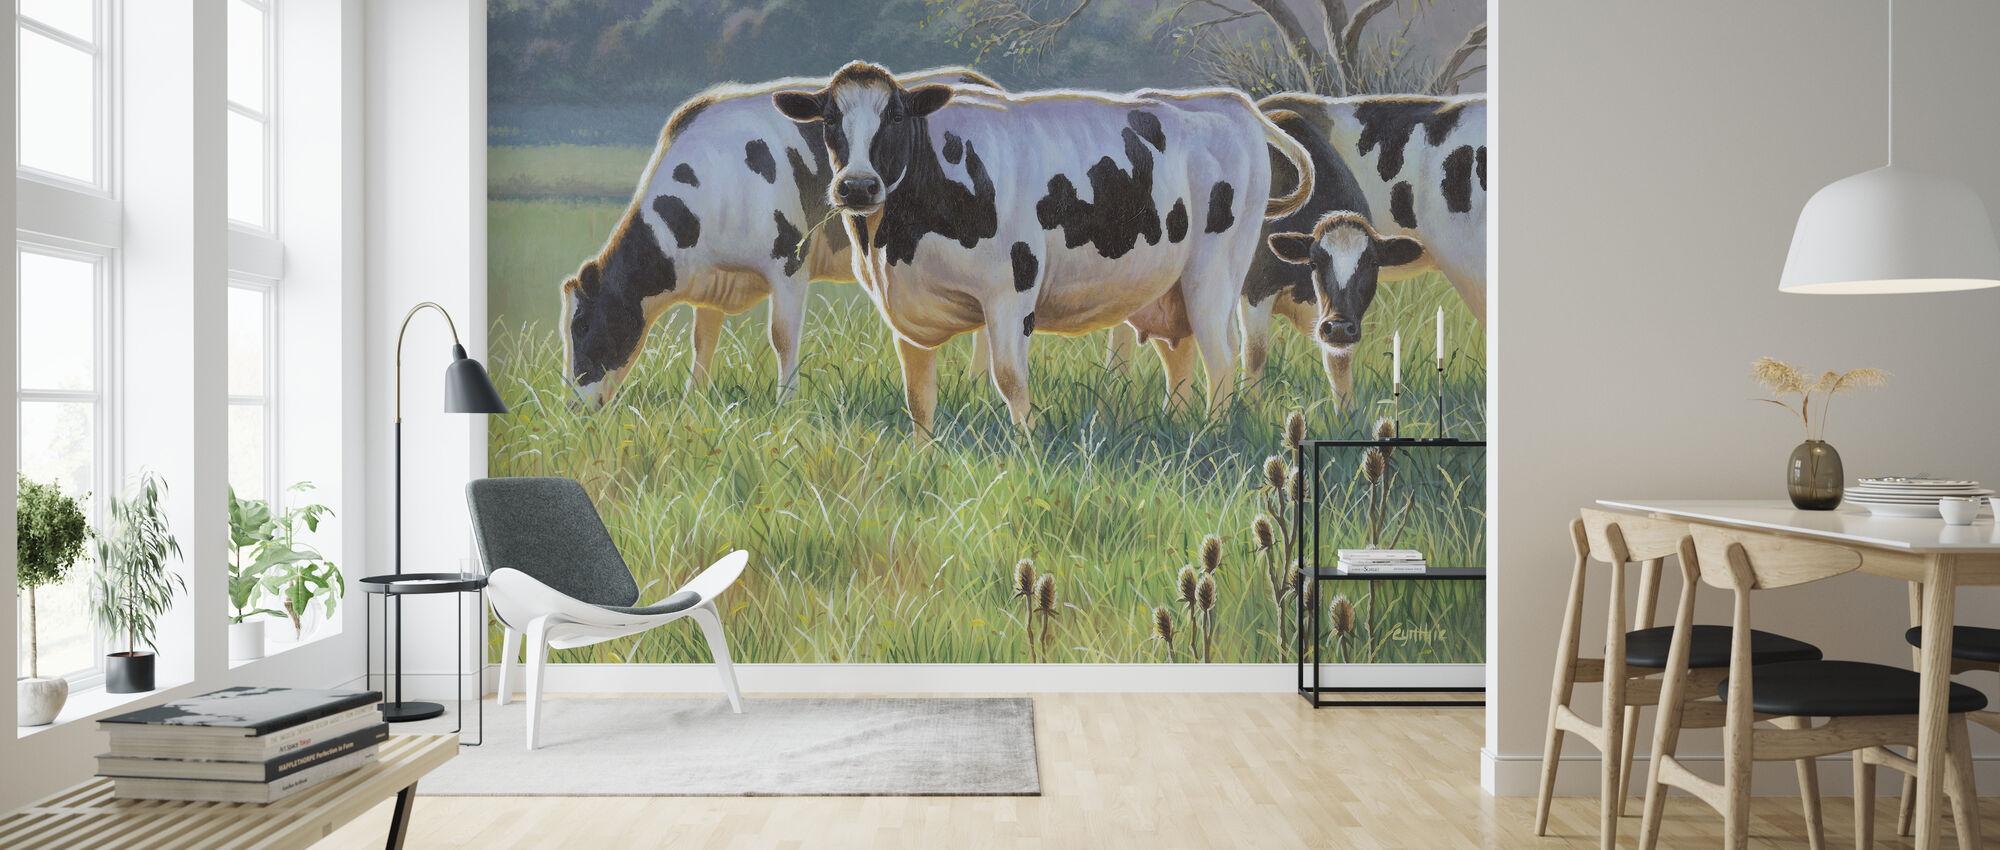 Koeien - Behang - Woonkamer